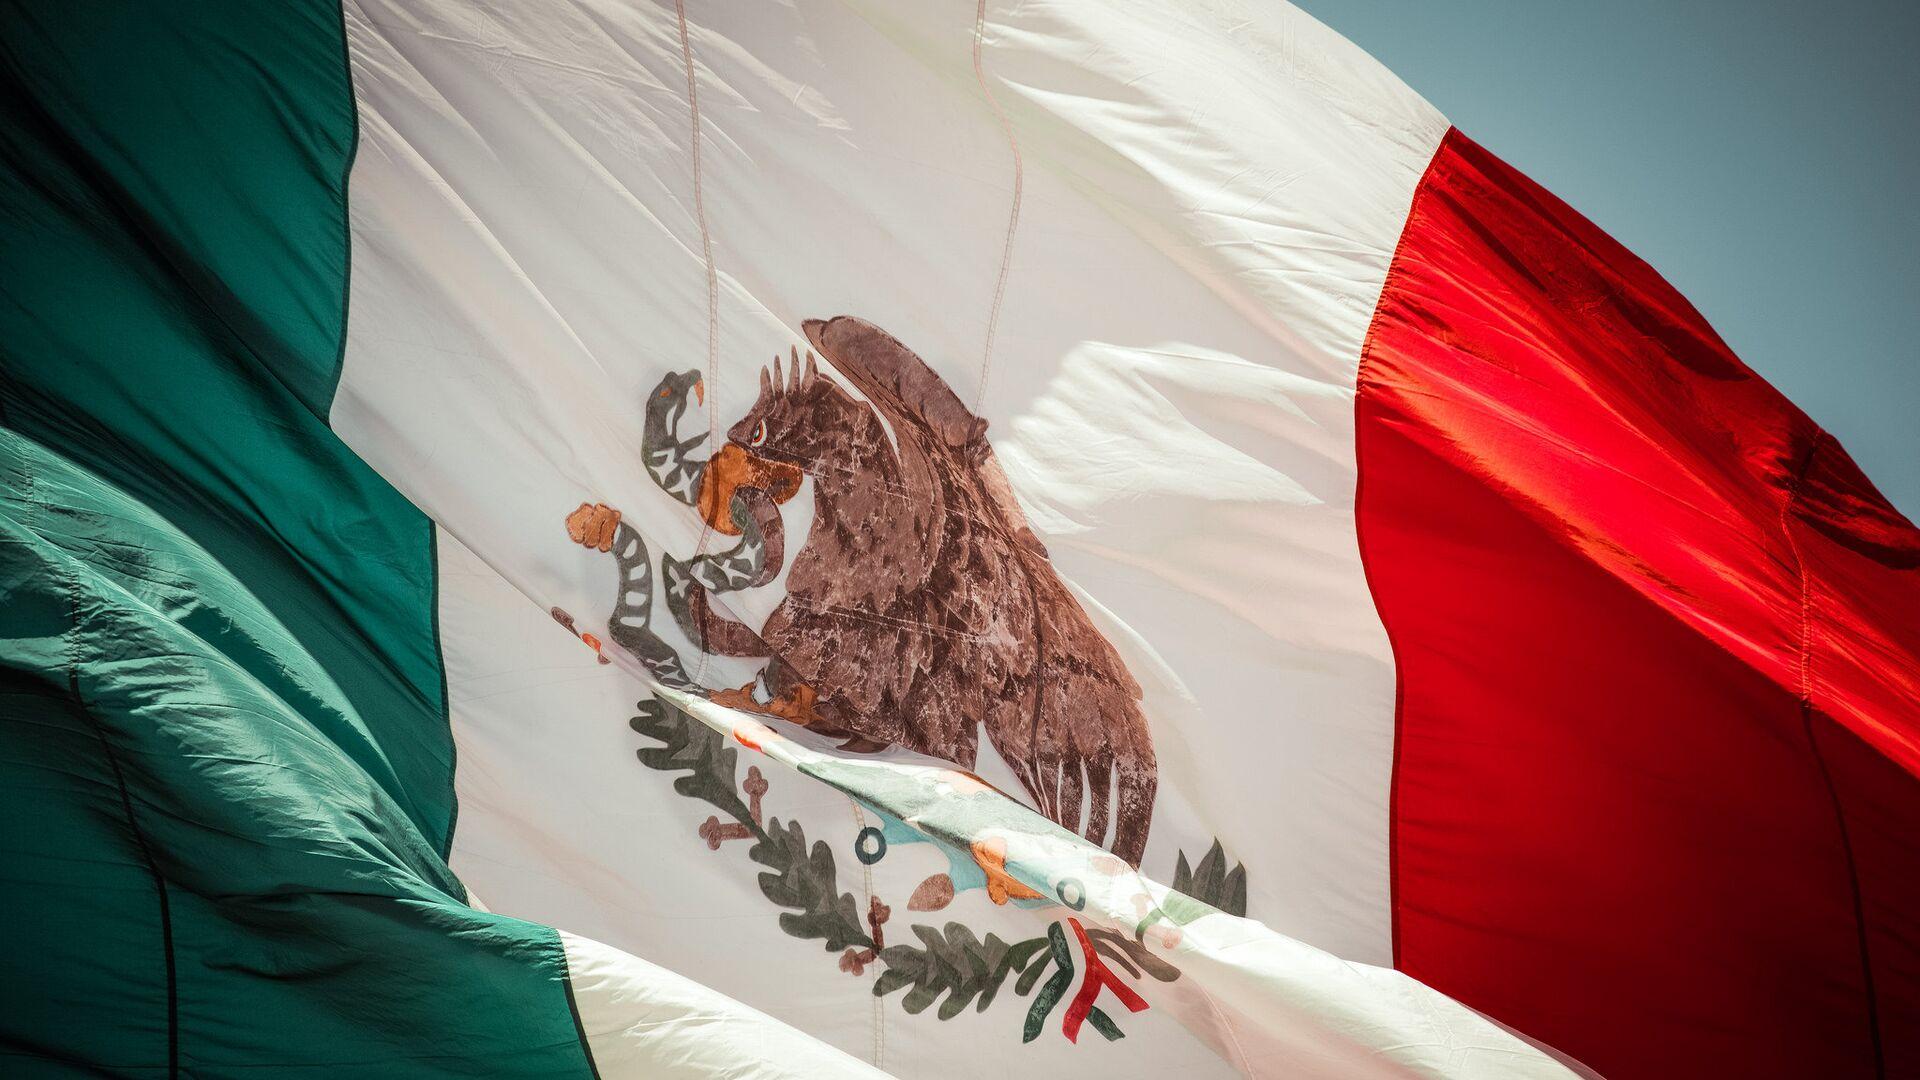 Bandera de México - Sputnik Mundo, 1920, 27.08.2021